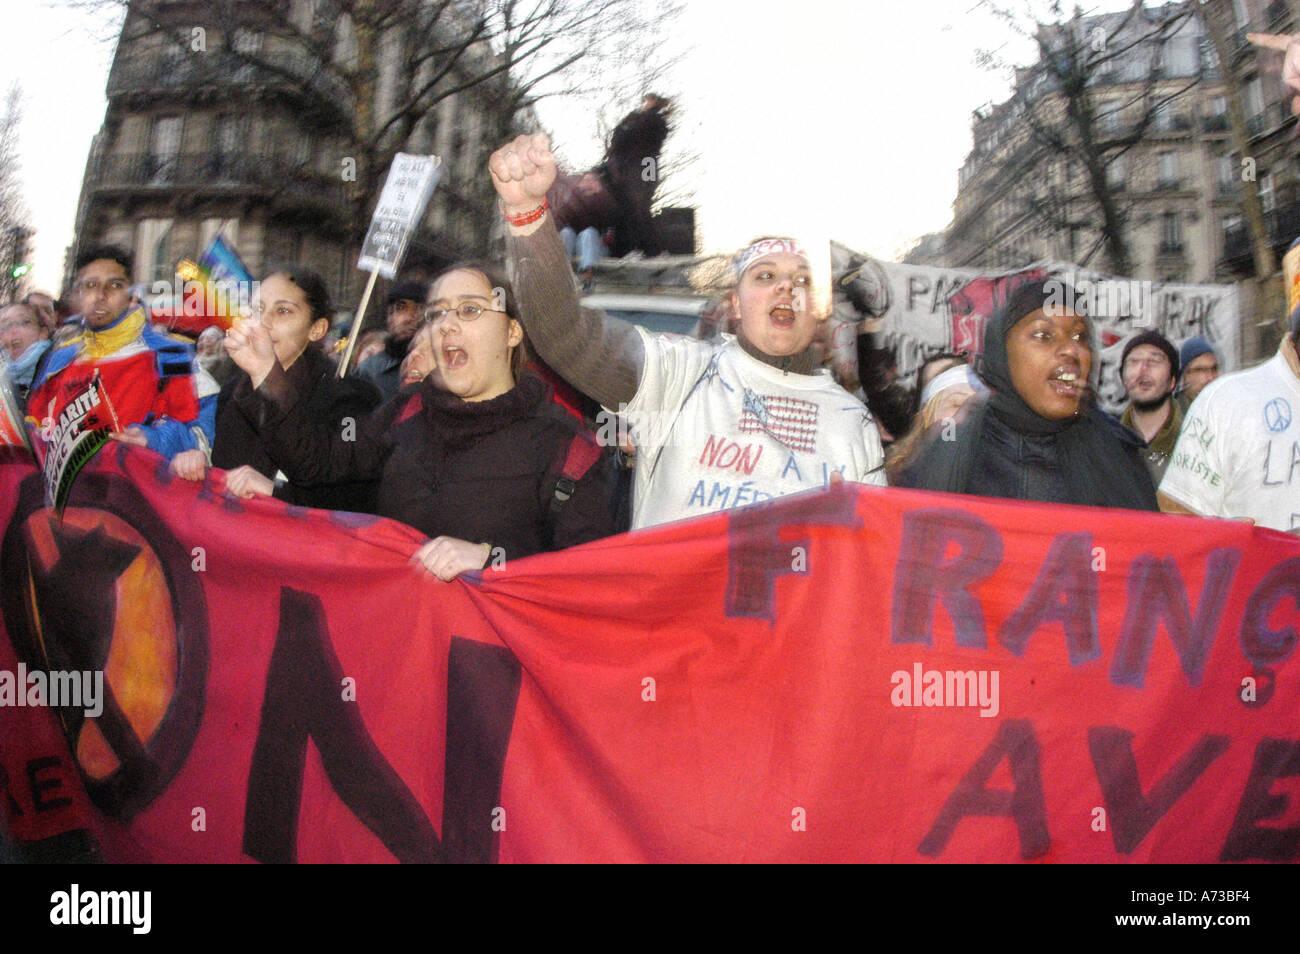 Chicas adolescentes francesas peludas